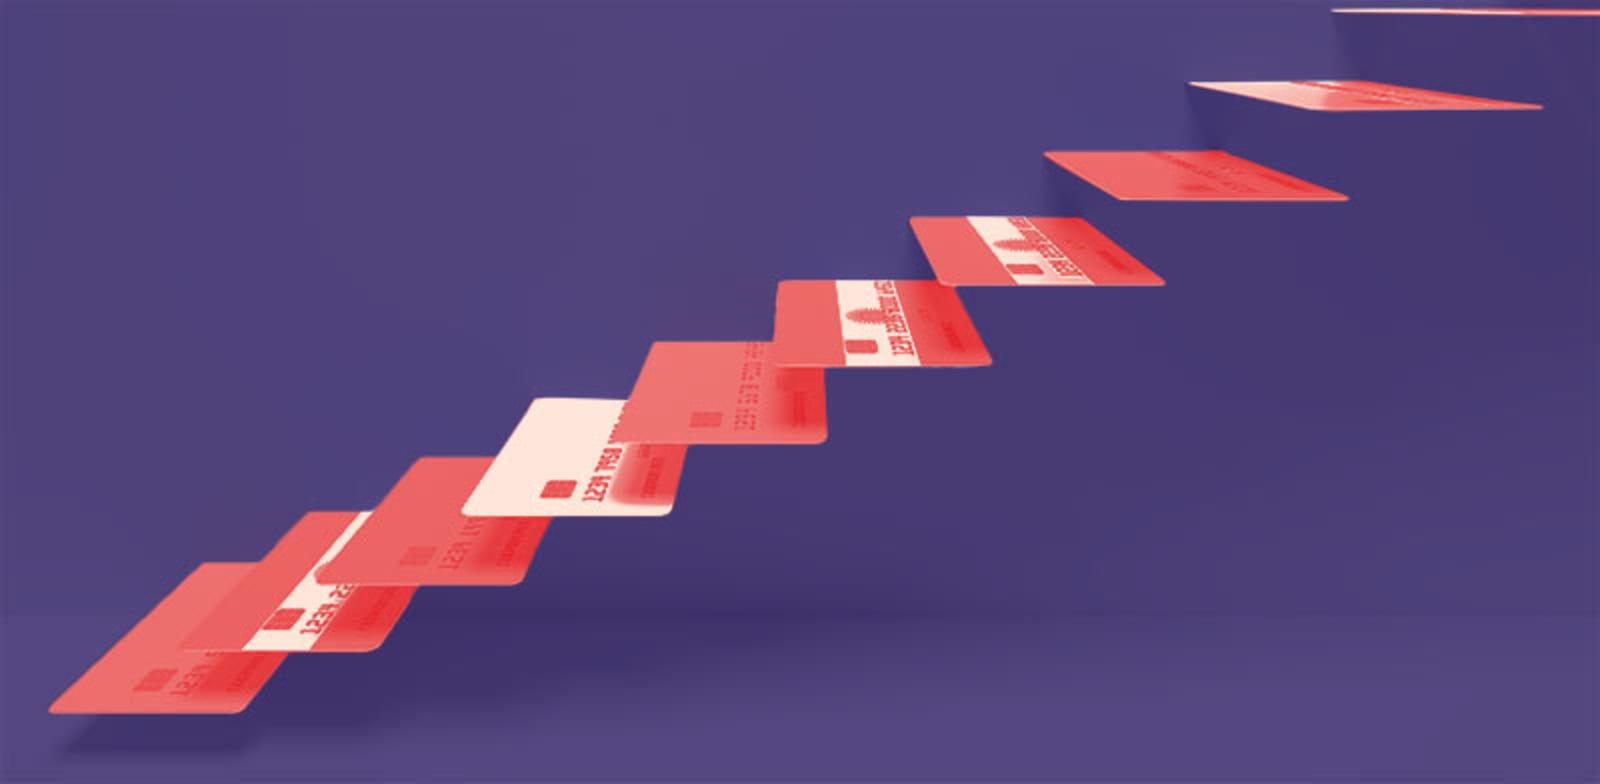 ציון אשראי / עיצוב: טלי בוגדנובסקי